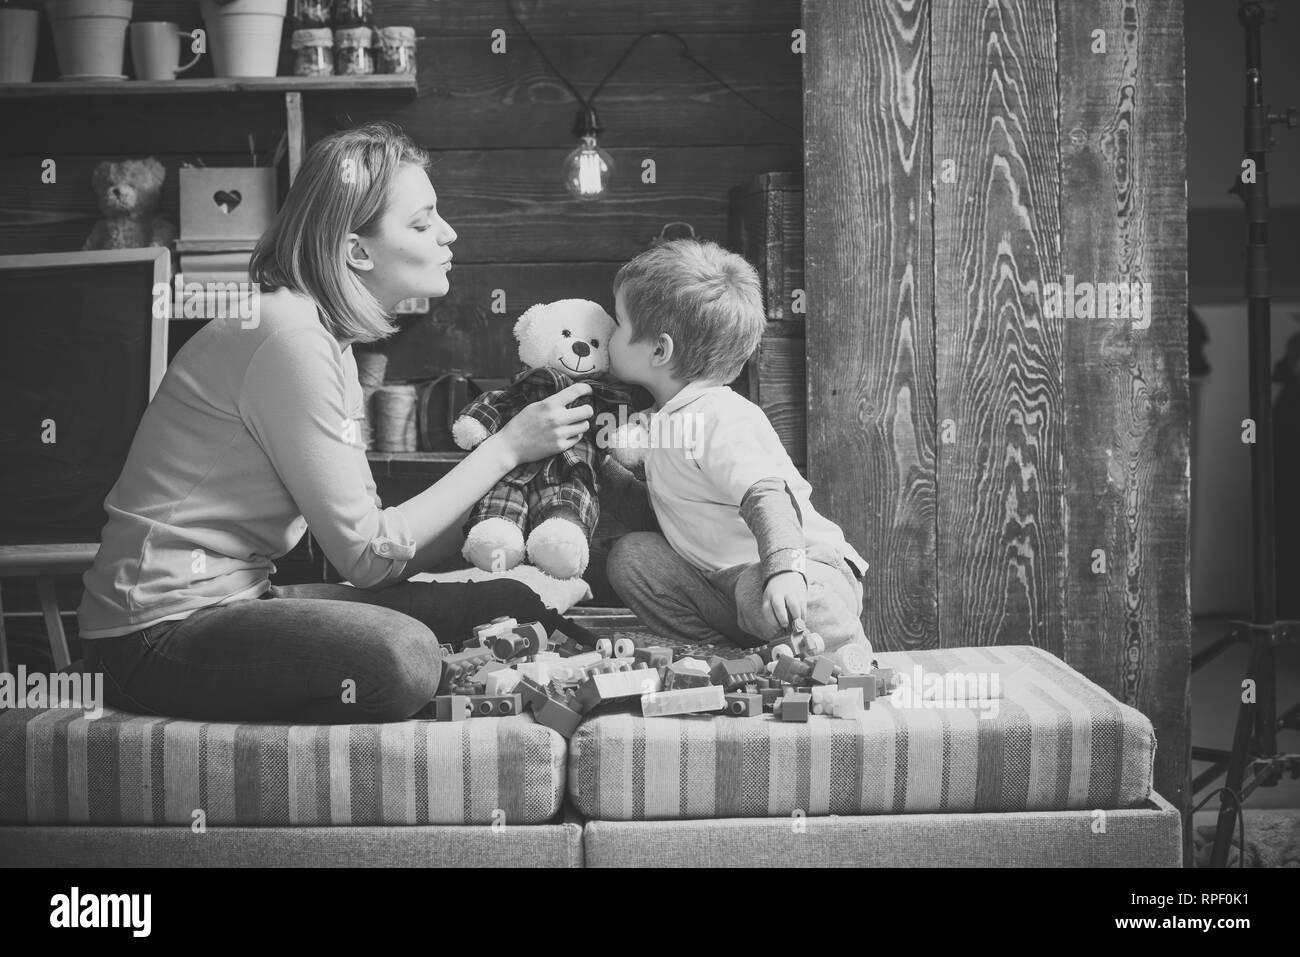 La Madre insegna figlio di essere gentile e cordiale. La gentilezza e il concetto di istruzione. La famiglia gioca con Teddy bear a casa. Mamma e Bambino gioca con il giocattolo morbido Immagini Stock